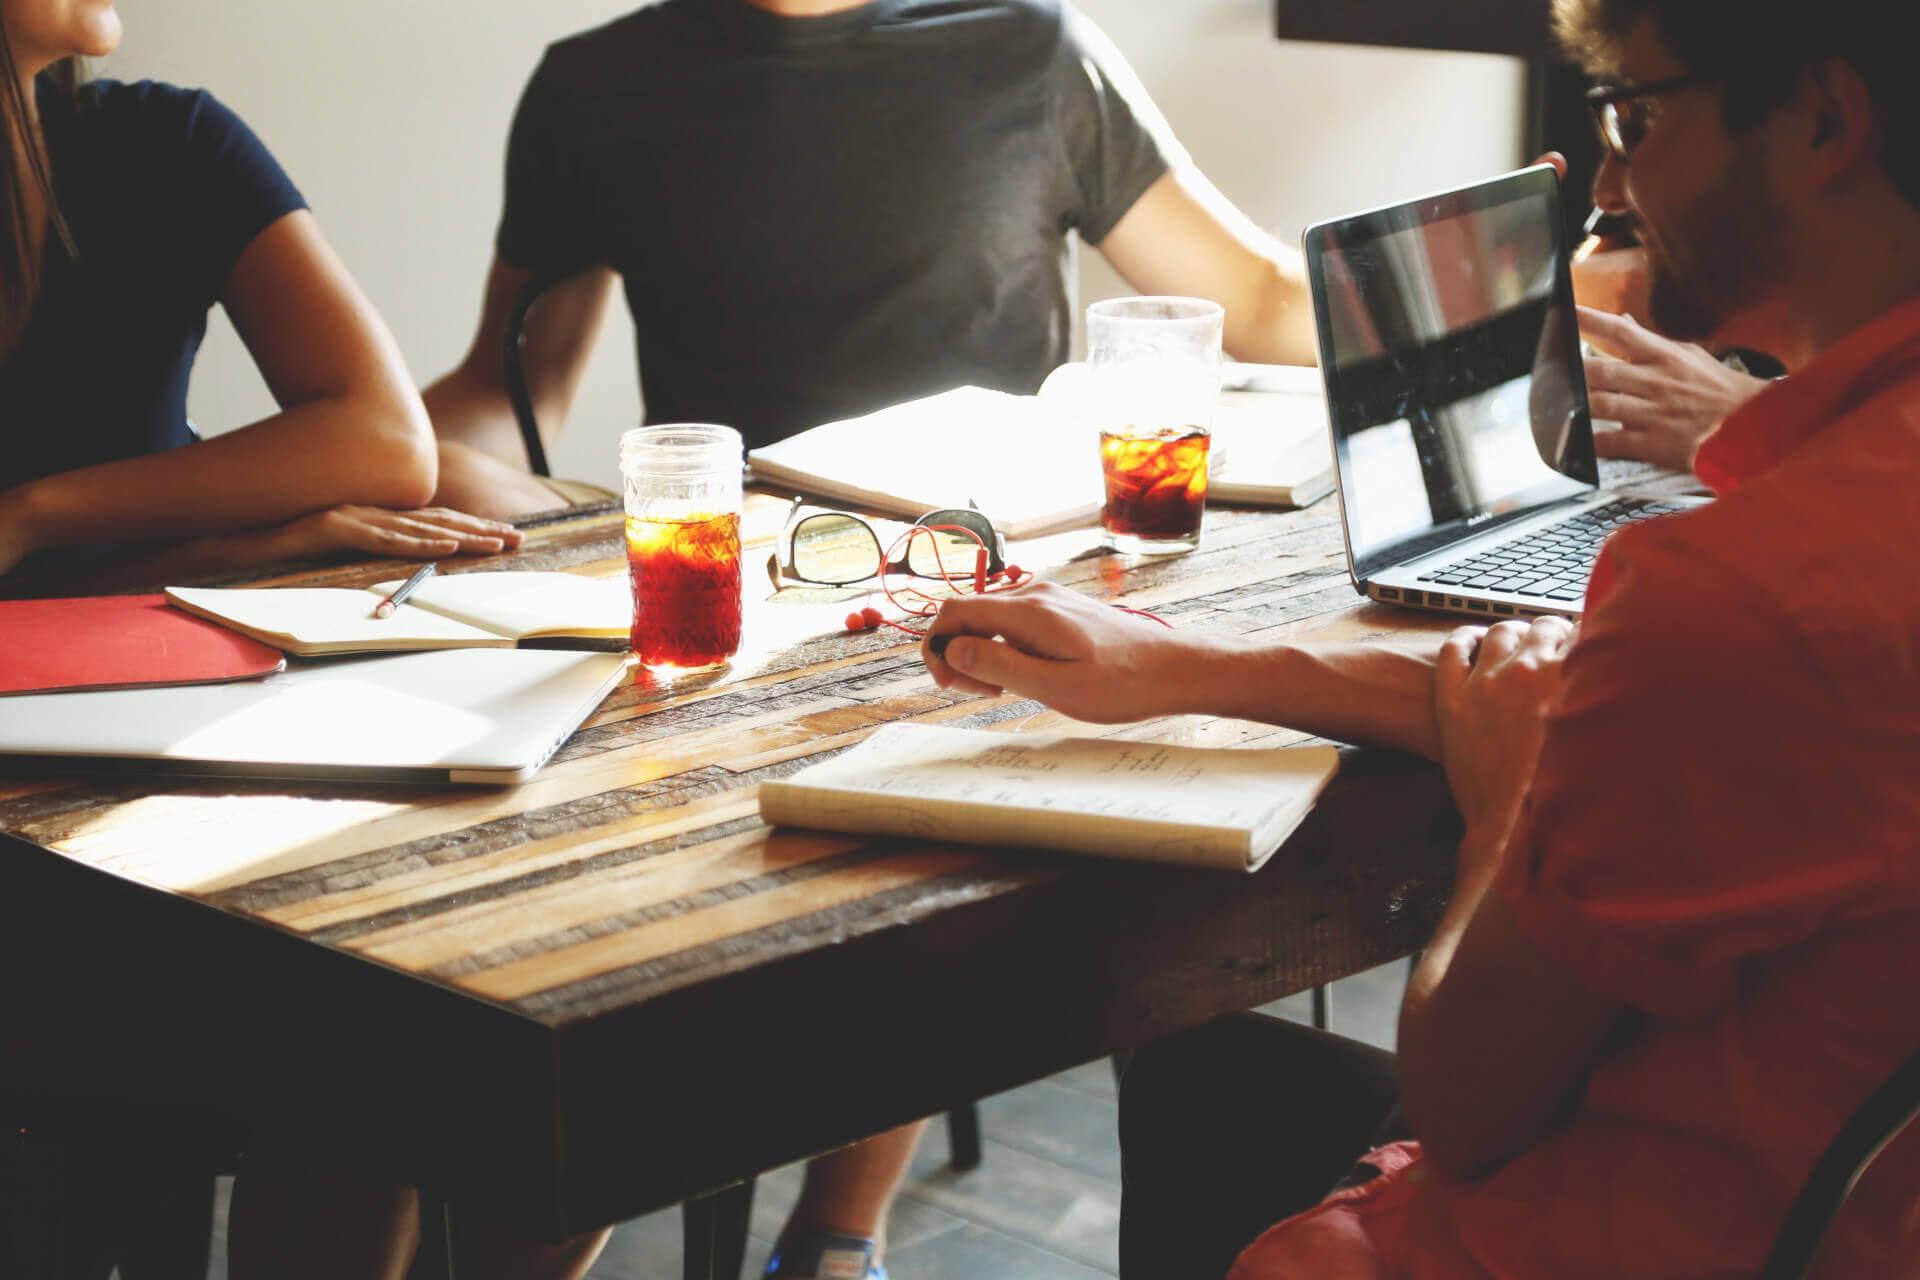 O que é blended learning? Como usá-lo em treinamentos empresariais?